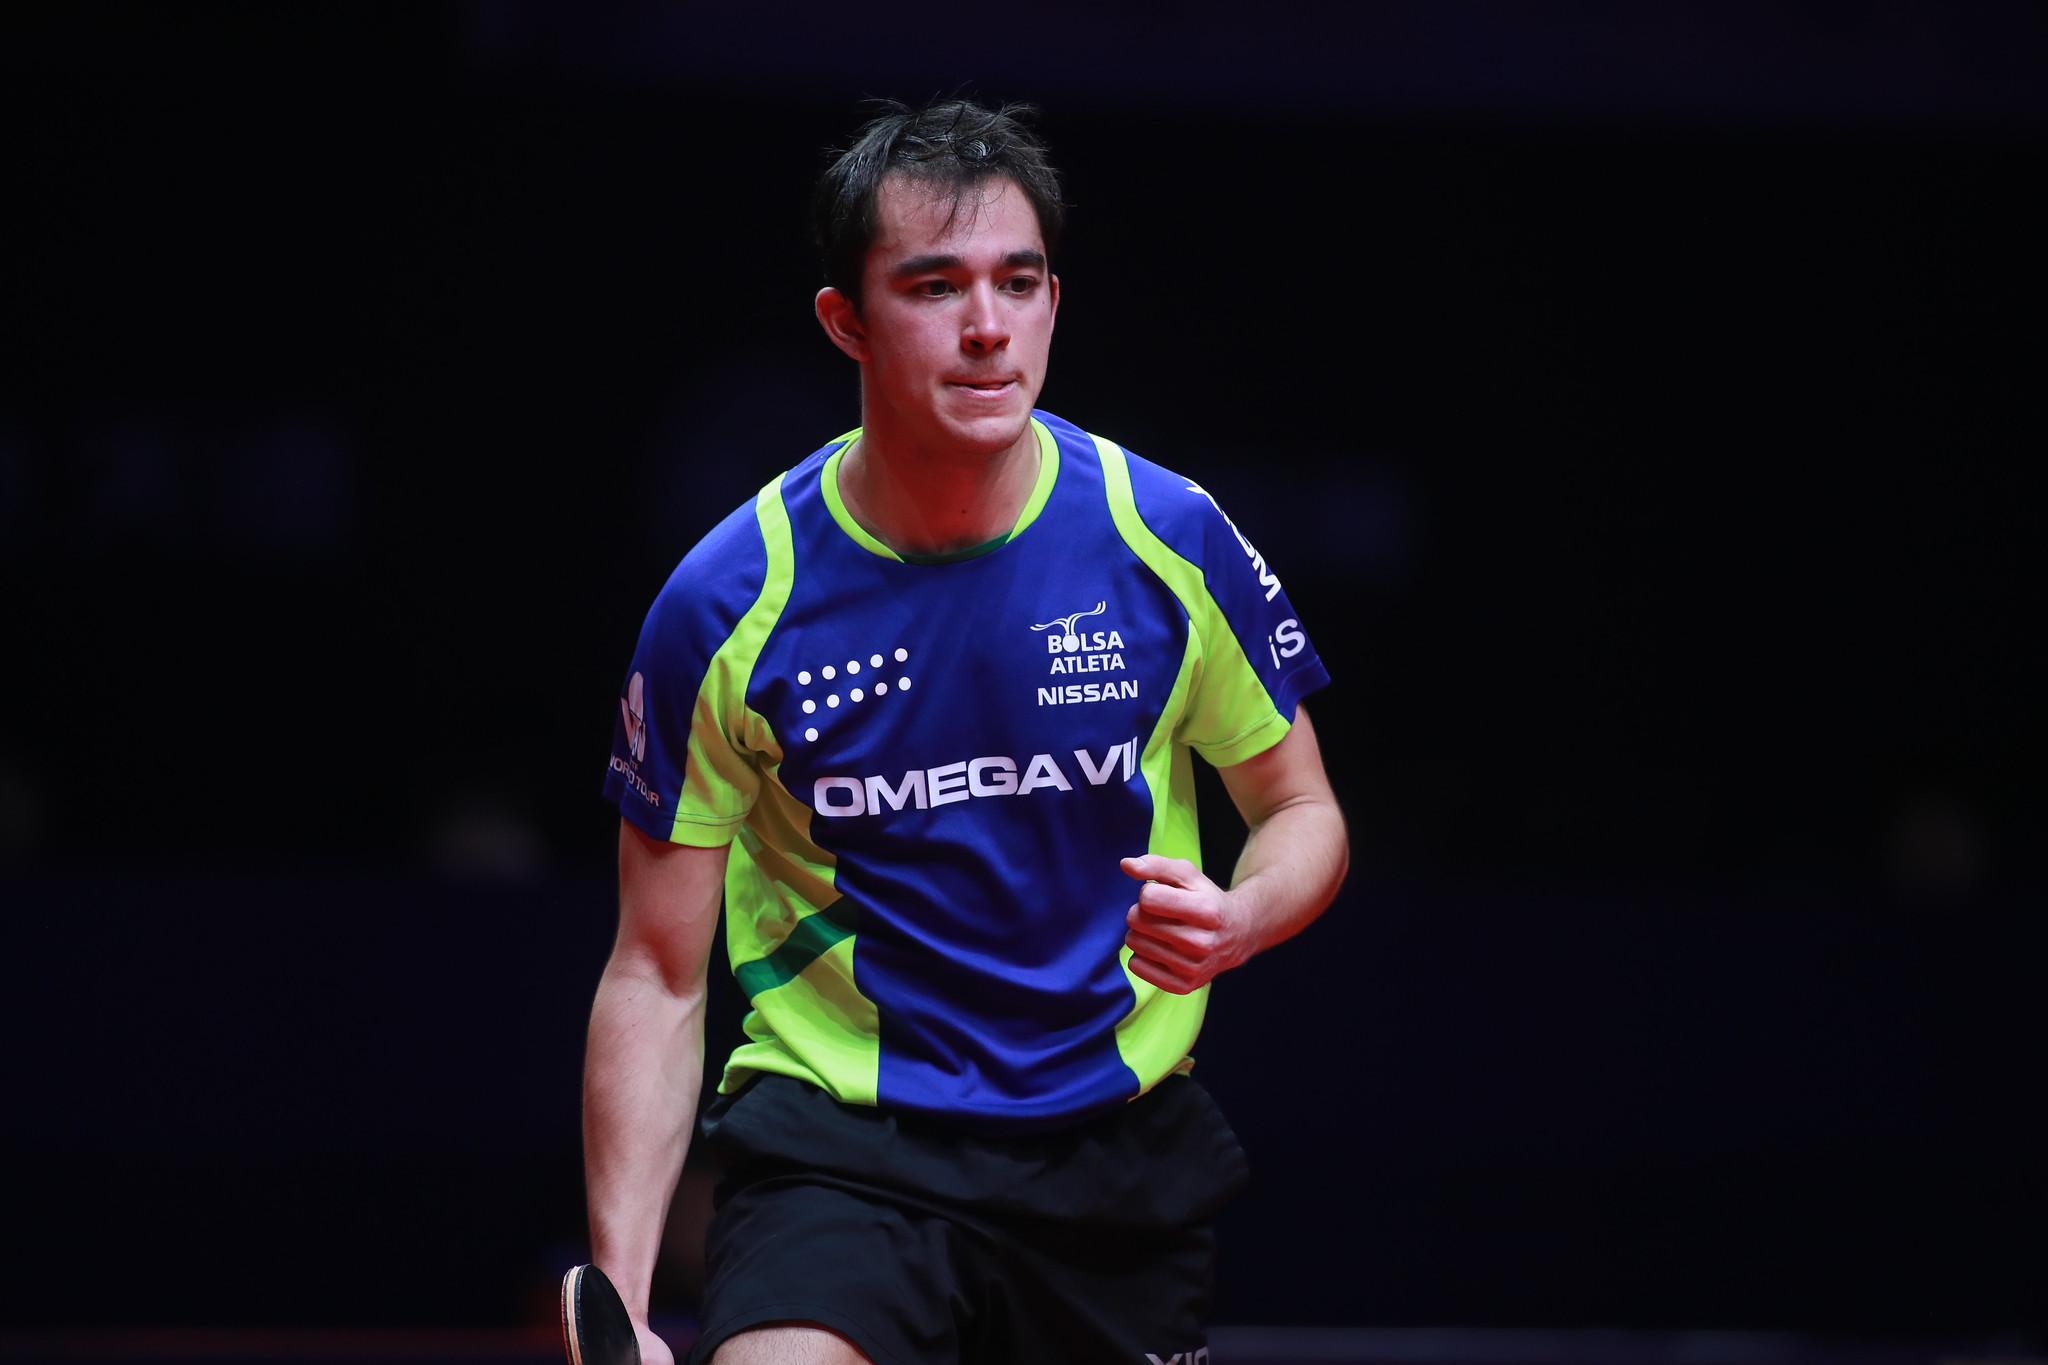 Hugo Calderano teve números expressivos ao longo de 2019 (Crédito: Divulgação/ITTF)